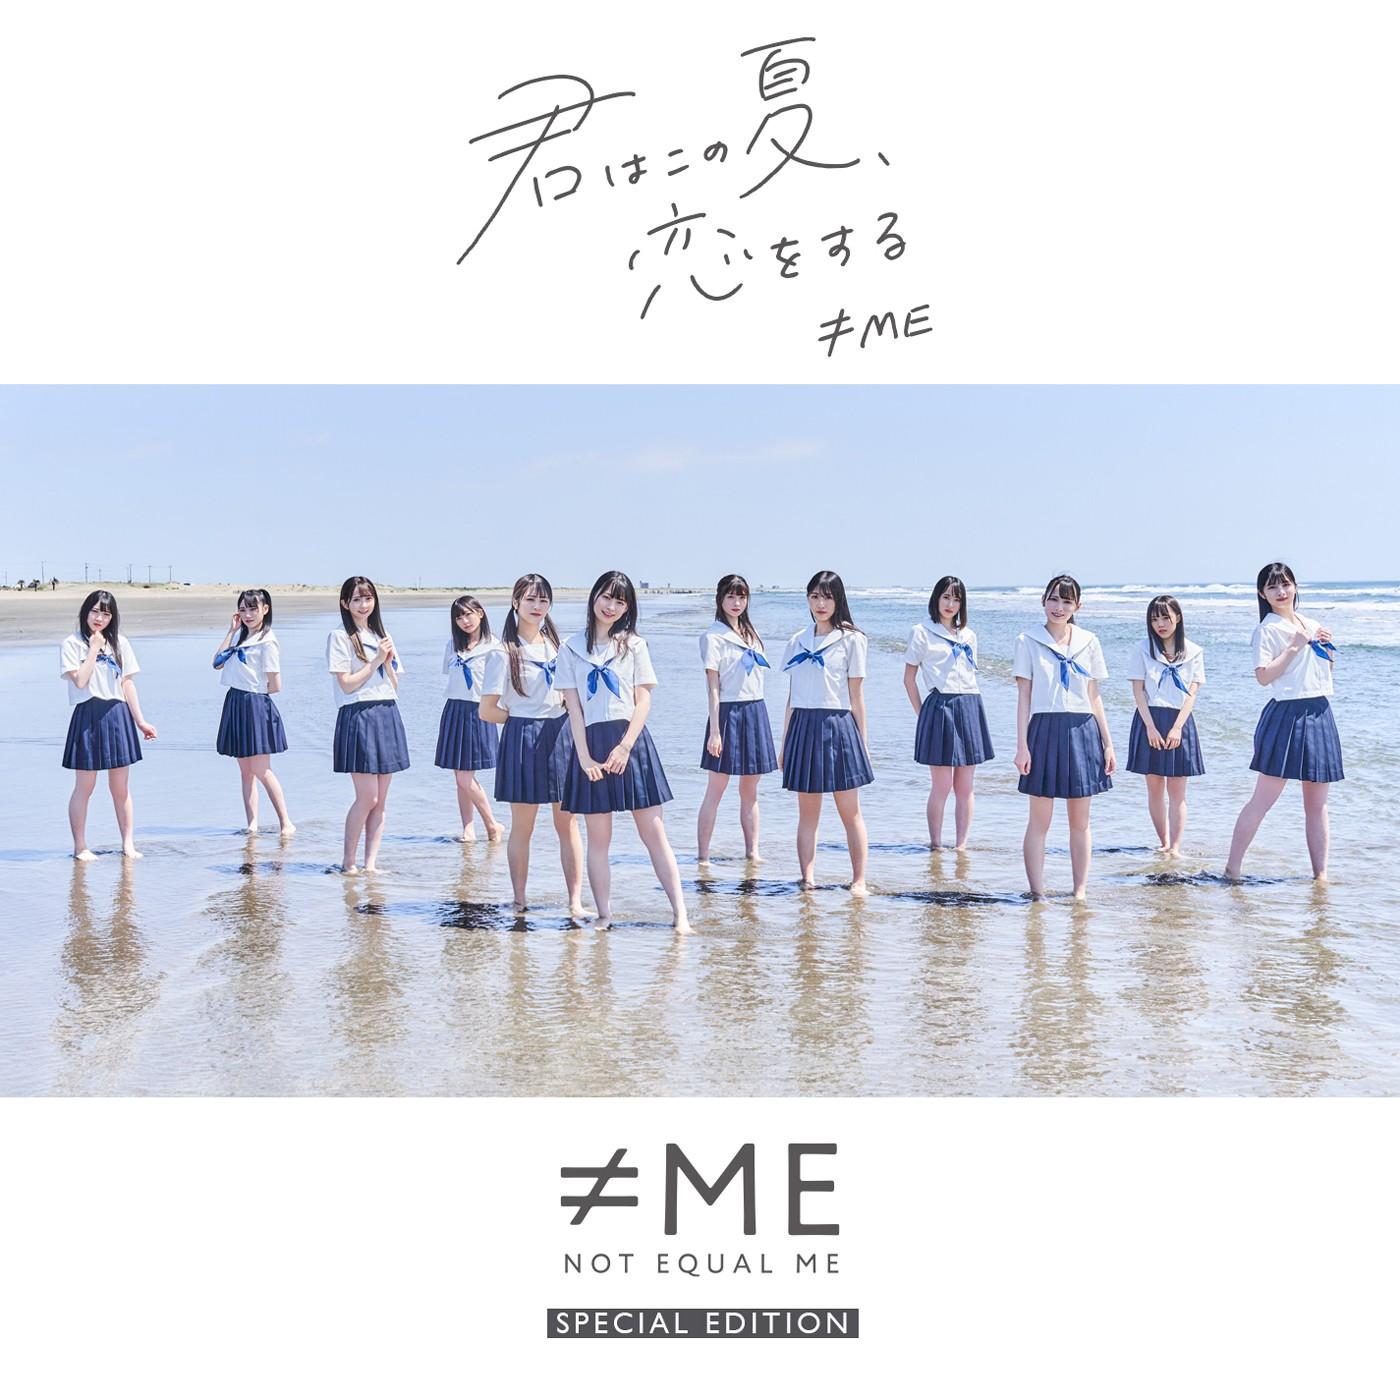 ≠ME - Kimi wa Kono Natsu, Koi wo Suru